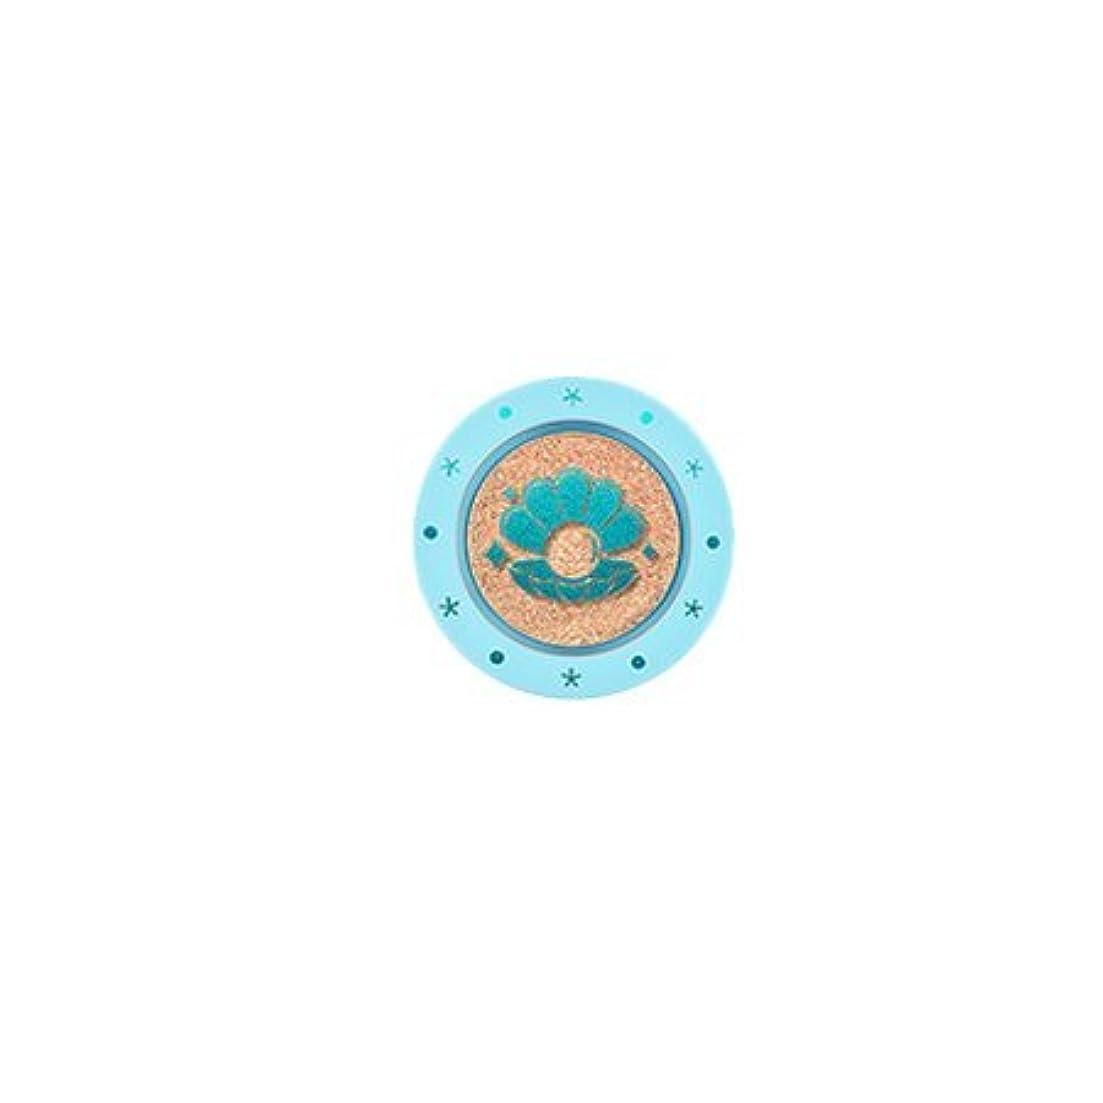 ジャム野生一方、アリタウム マーメイド コレクション モノ アイズ 1.4g / ARITAUM Mono Eyes Mermaid Collection (# S25 Gold Glow) [並行輸入品]